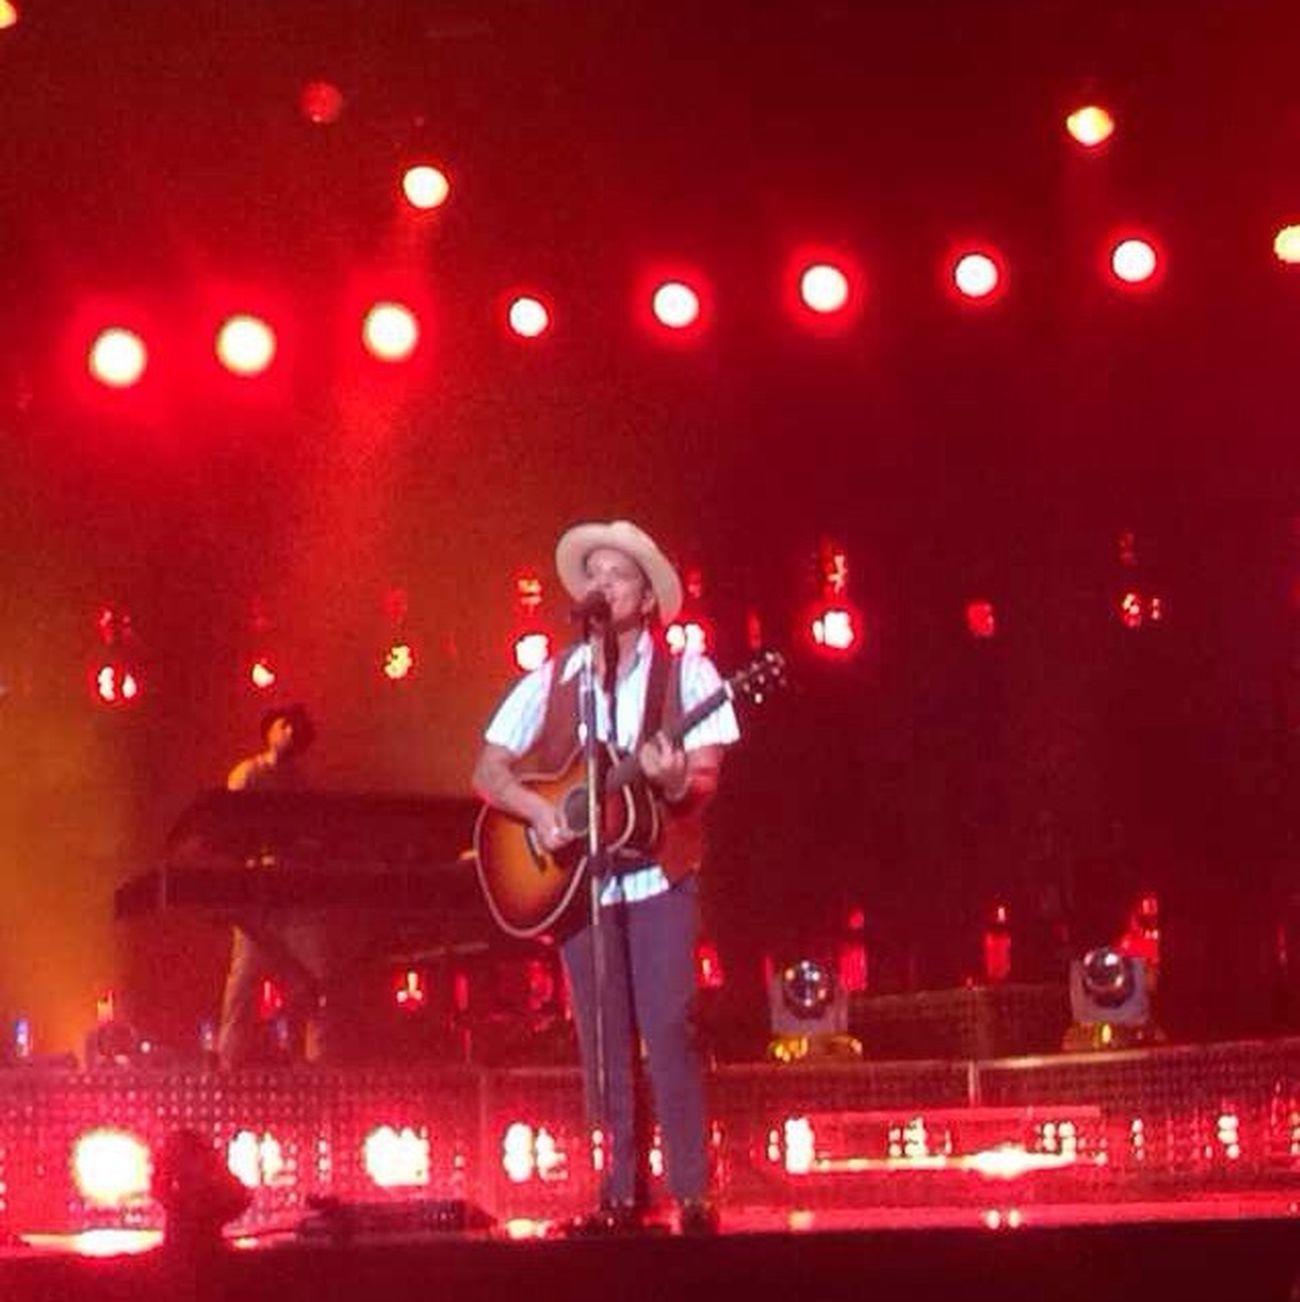 Brunomars Bruno Mars Concert  Brunomars Live  Enjoying Life #